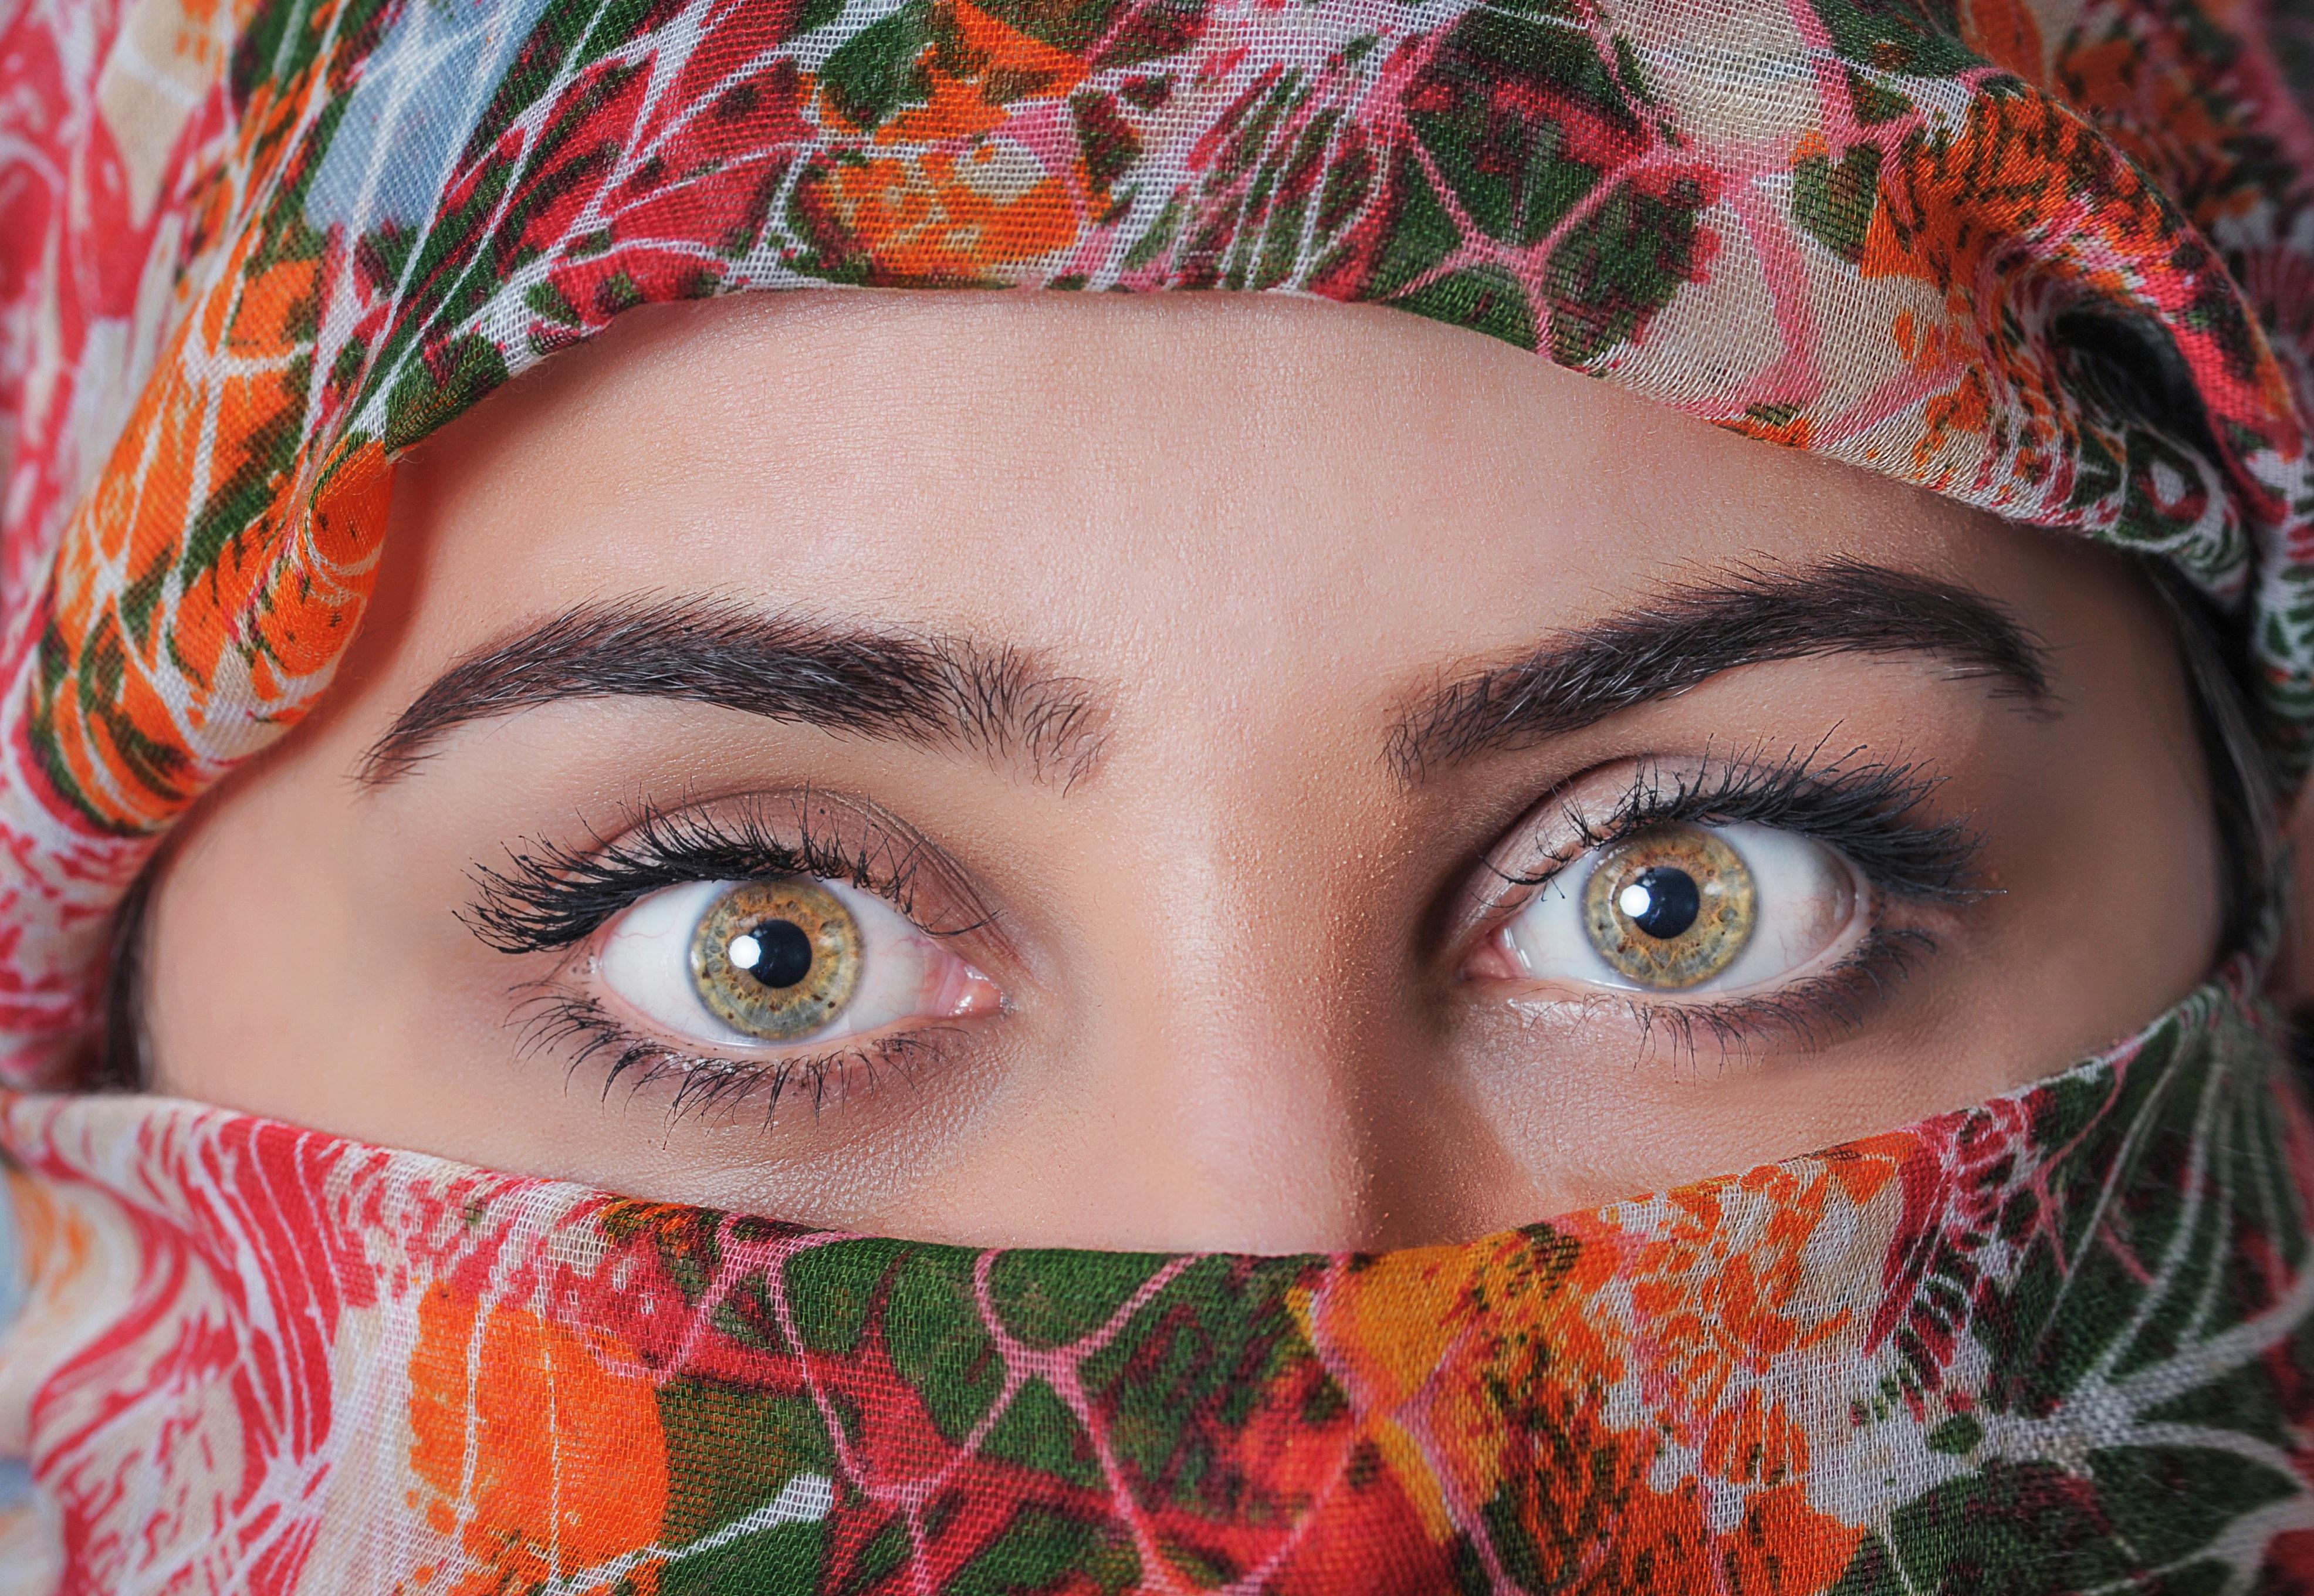 Afghan Girl Eyes Wallpaper File Beautiful Eyes 1245558 Jpg Wikimedia Commons